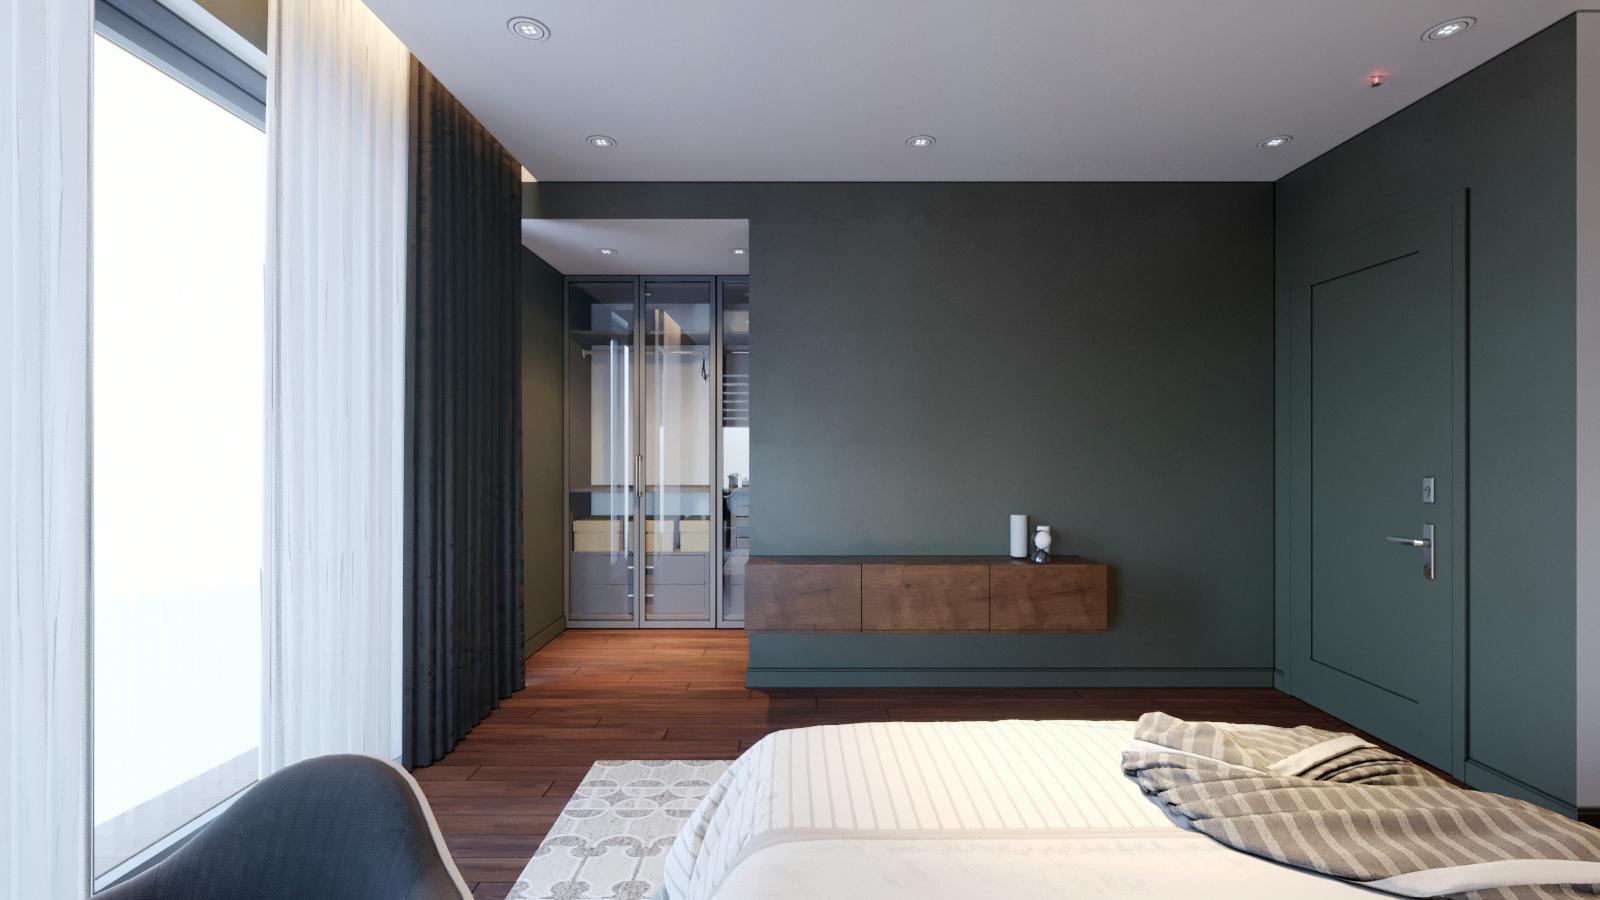 thiết kế Nội thất Biệt Thự 3 tầng biệt thự bt25 splendora mới (lakeside splendora)2810